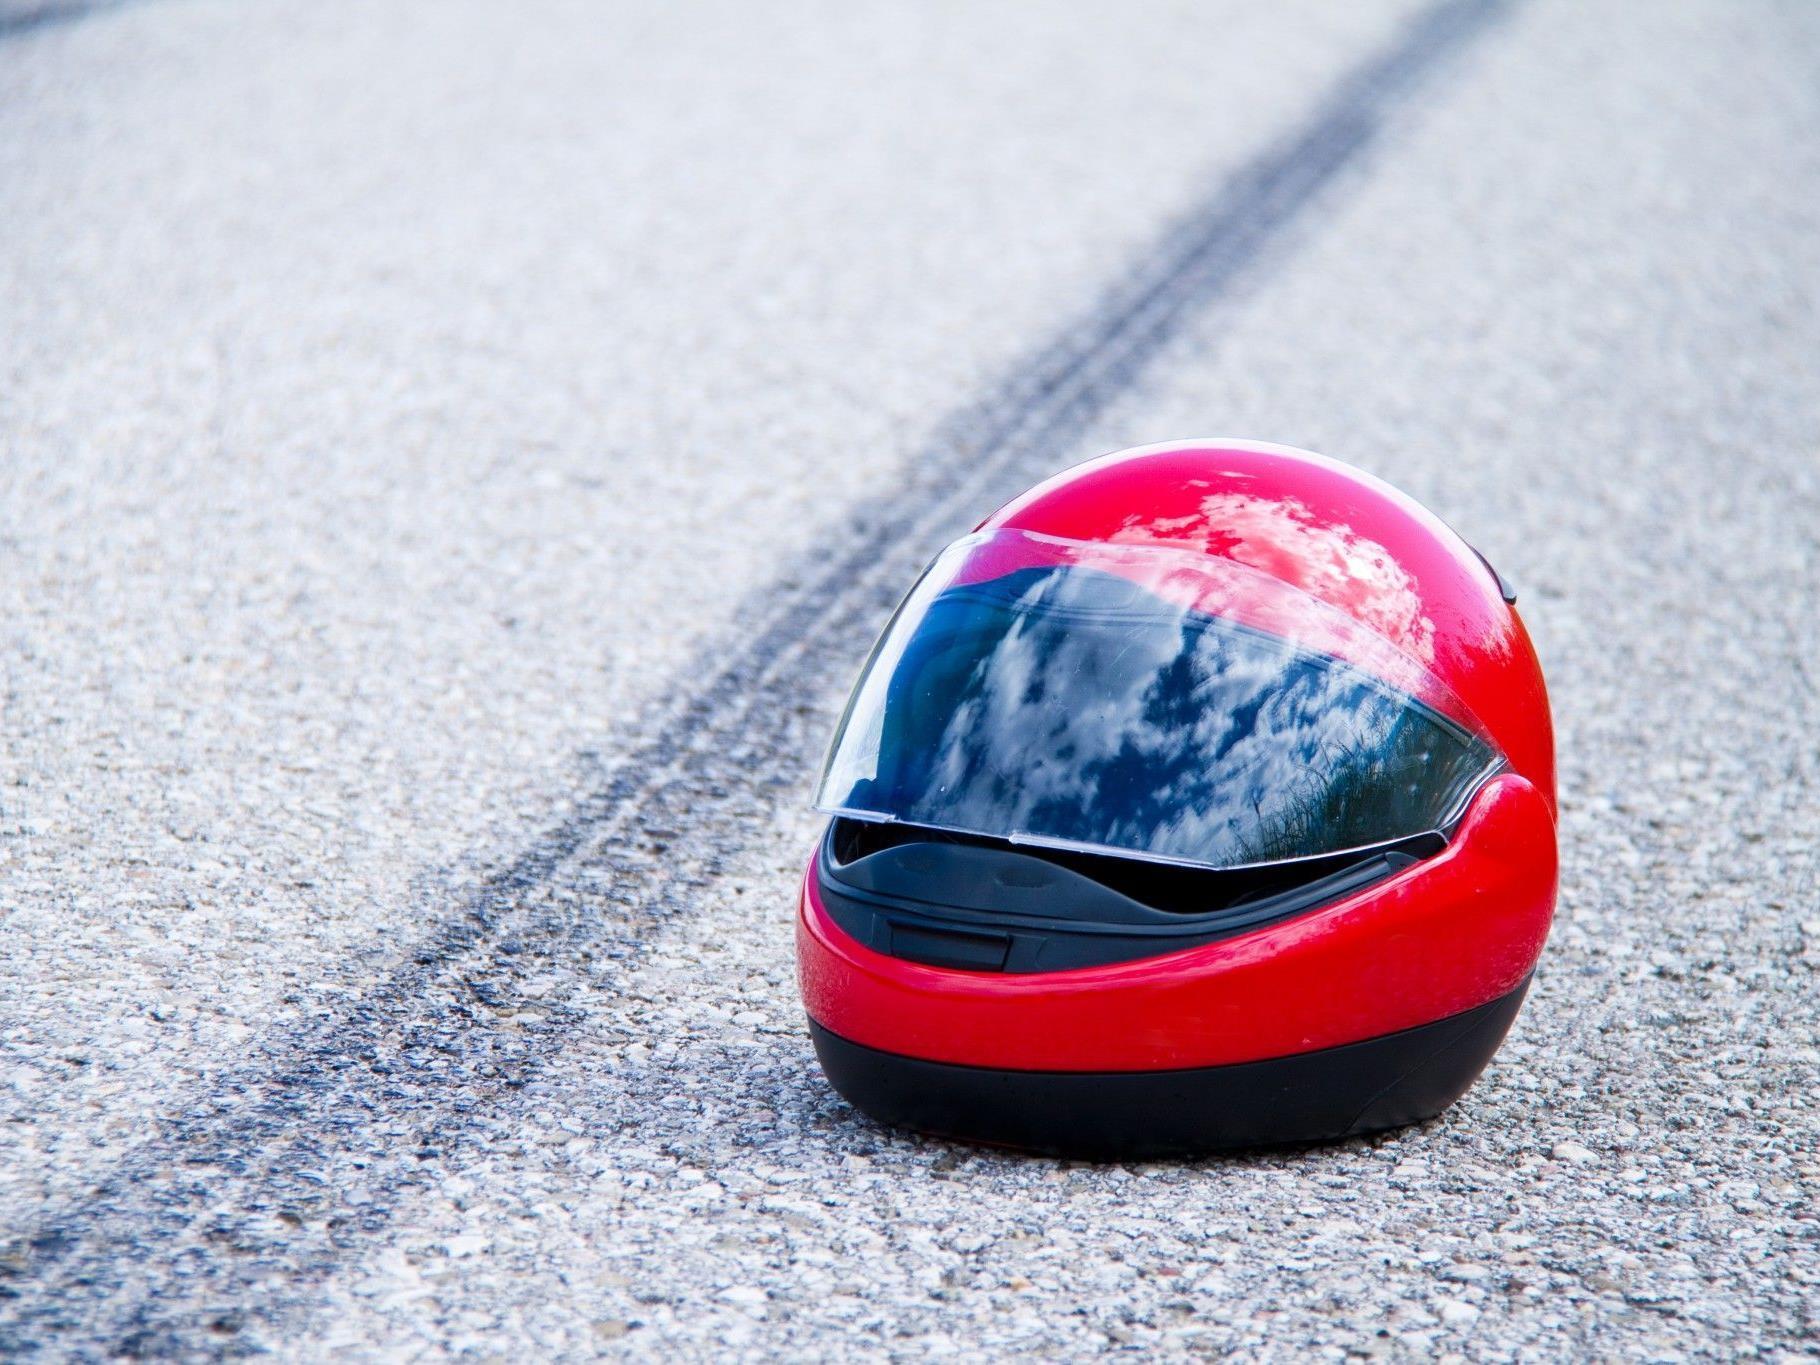 Der 18 Jahre alte Motorradfahrer starb noch an der Unfallstelle.